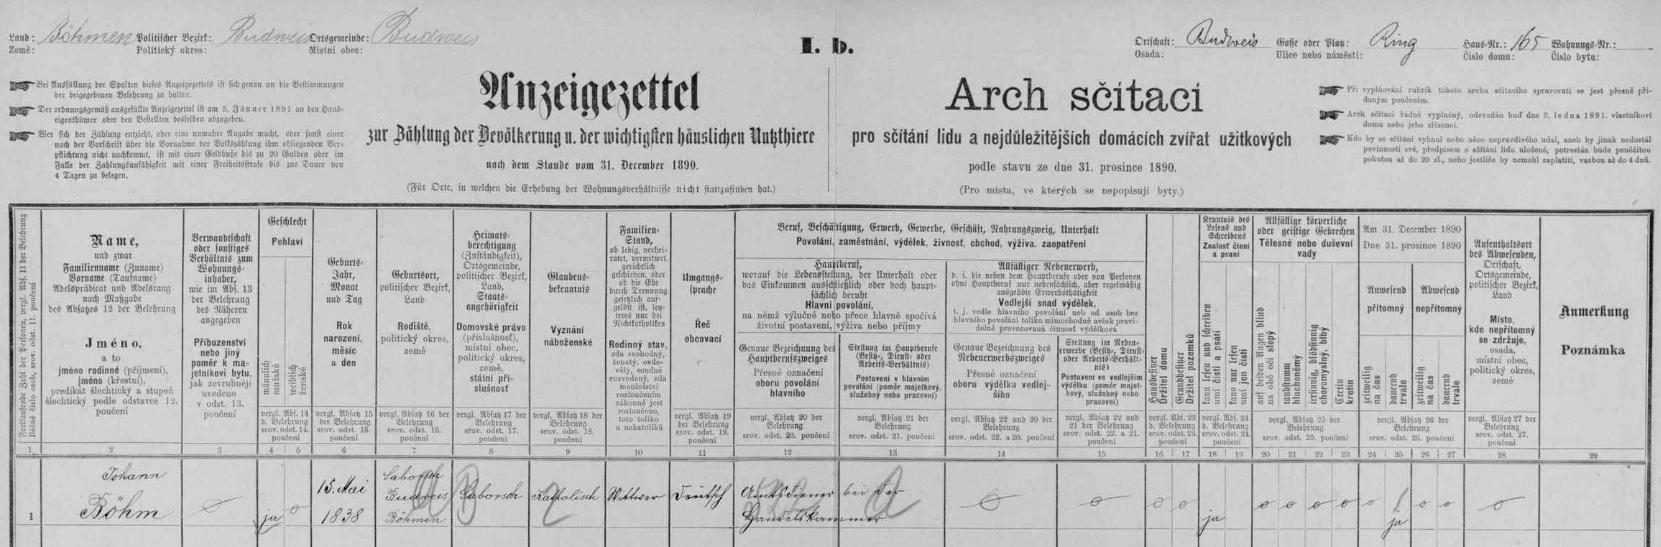 Podle tohoto archu pro dům čp. 16 na českobudějovickém náměstí ze sčítání lidu v roce 1890žil zde jeho otec, vdovec Johann Böhm, po jehož druhé svatbě s Marií, roz. Vondruškovou, se jim tu narodil on jako jejich syn Johann Vincenc